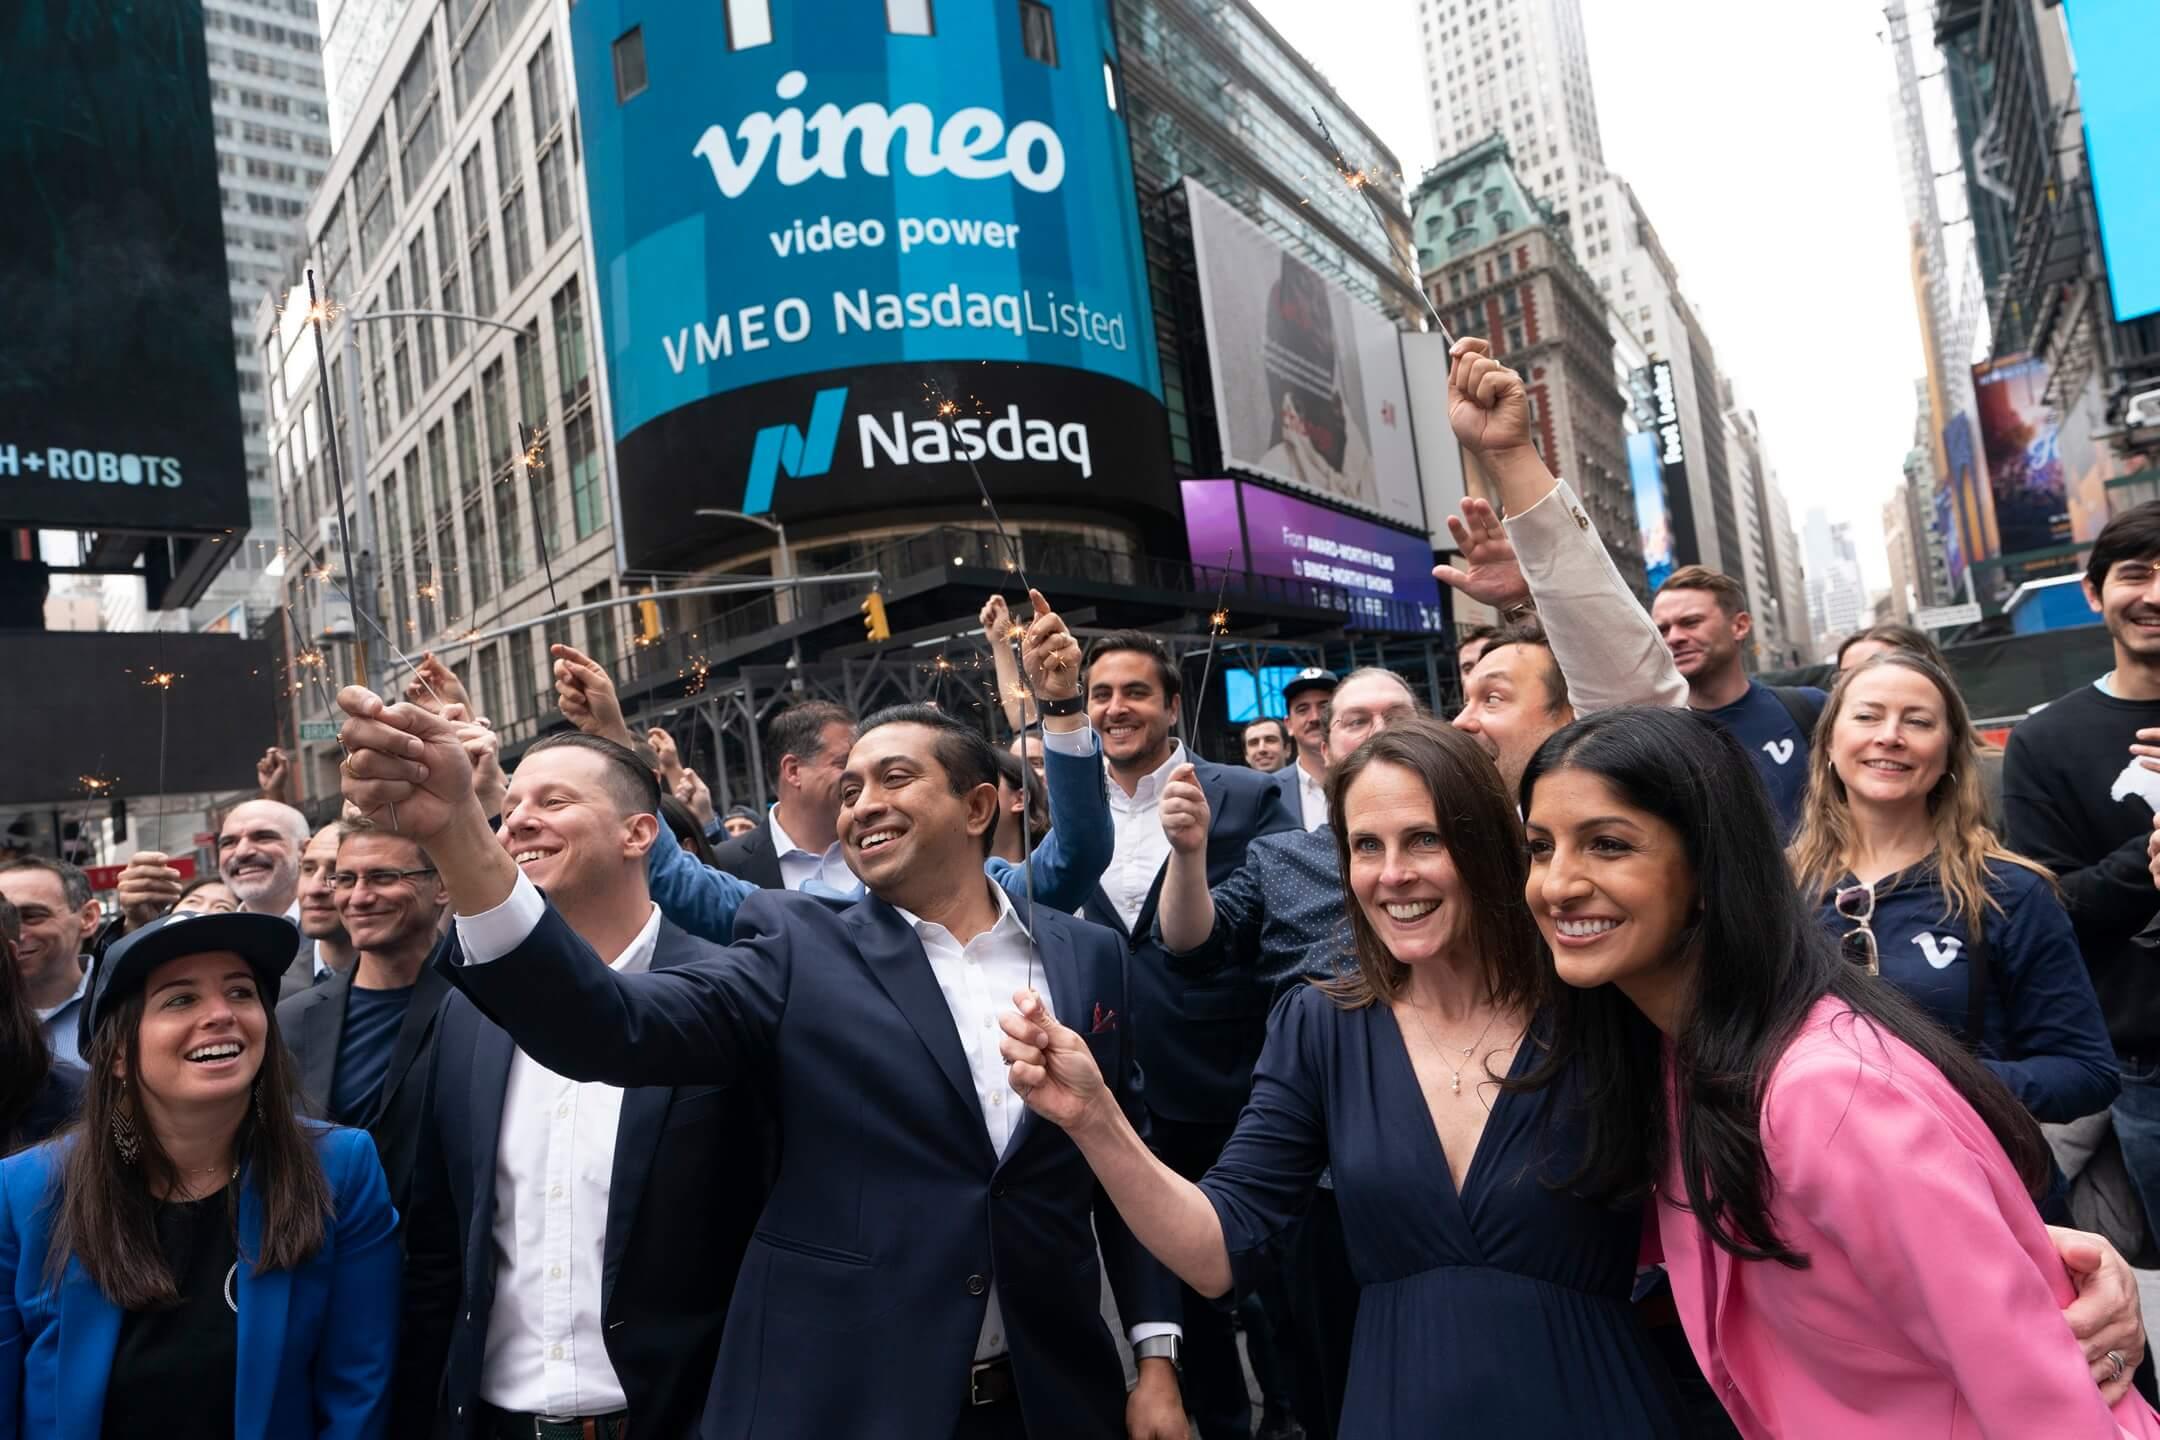 2021年5月25日,美國紐約,網上影音播放平台Vimeo在納斯達克上市,行政總裁Anjali Sud(右下)聯同員工在交易所外合照。 攝:Mark Lennihan/AP/達志影像